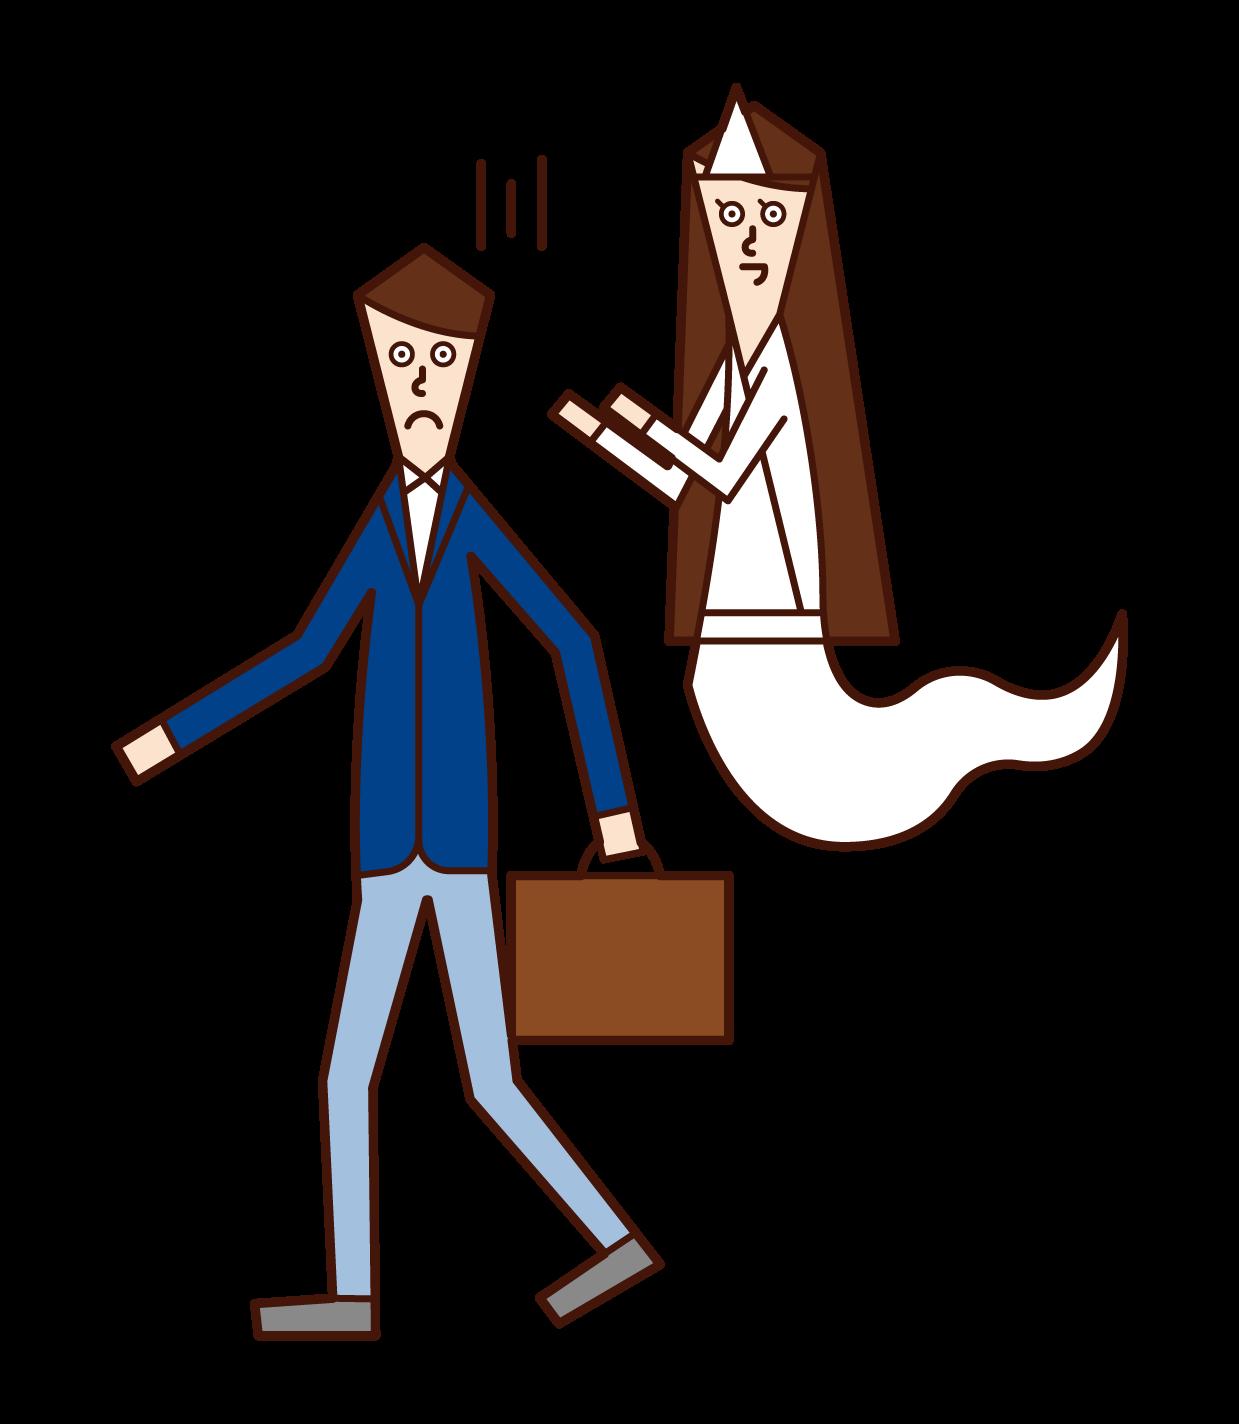 幽霊に取り憑かれている人(男性)のイラスト